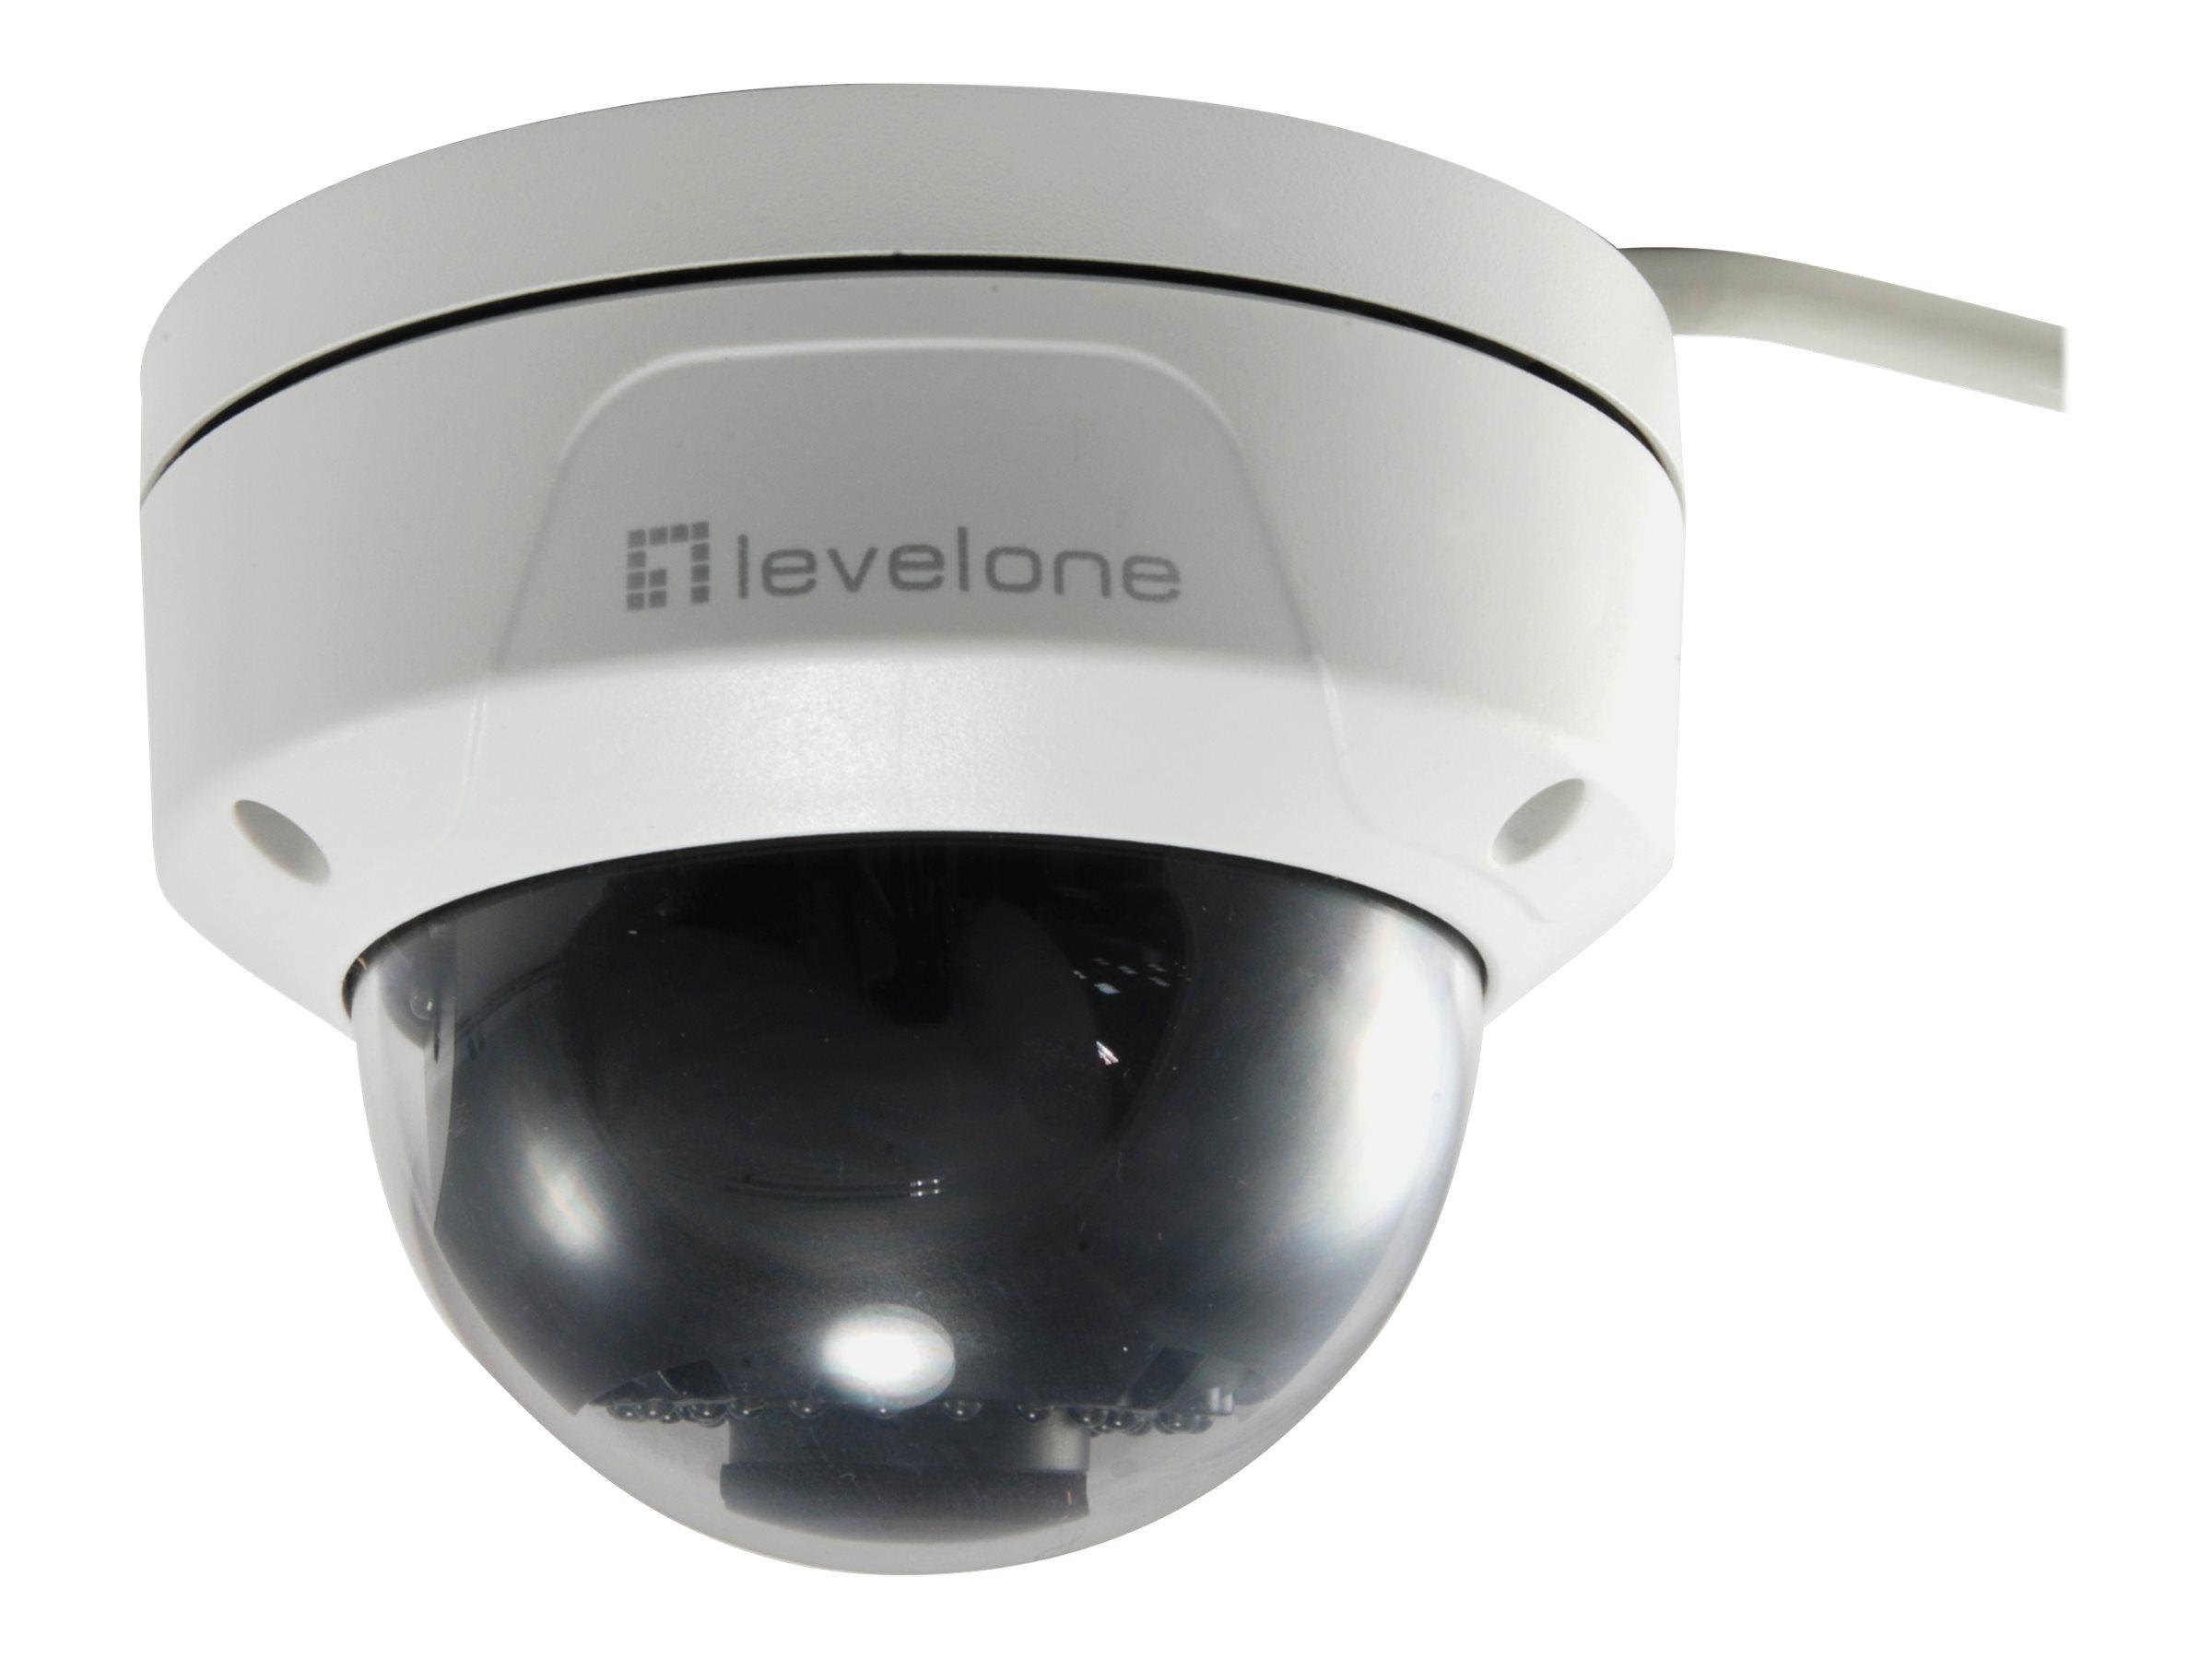 LevelOne FCS-3087 - Netzwerk-Überwachungskamera - Kuppel - Außenbereich - Vandalismussicher / Wetterbeständig - Farbe (Tag&Nacht)